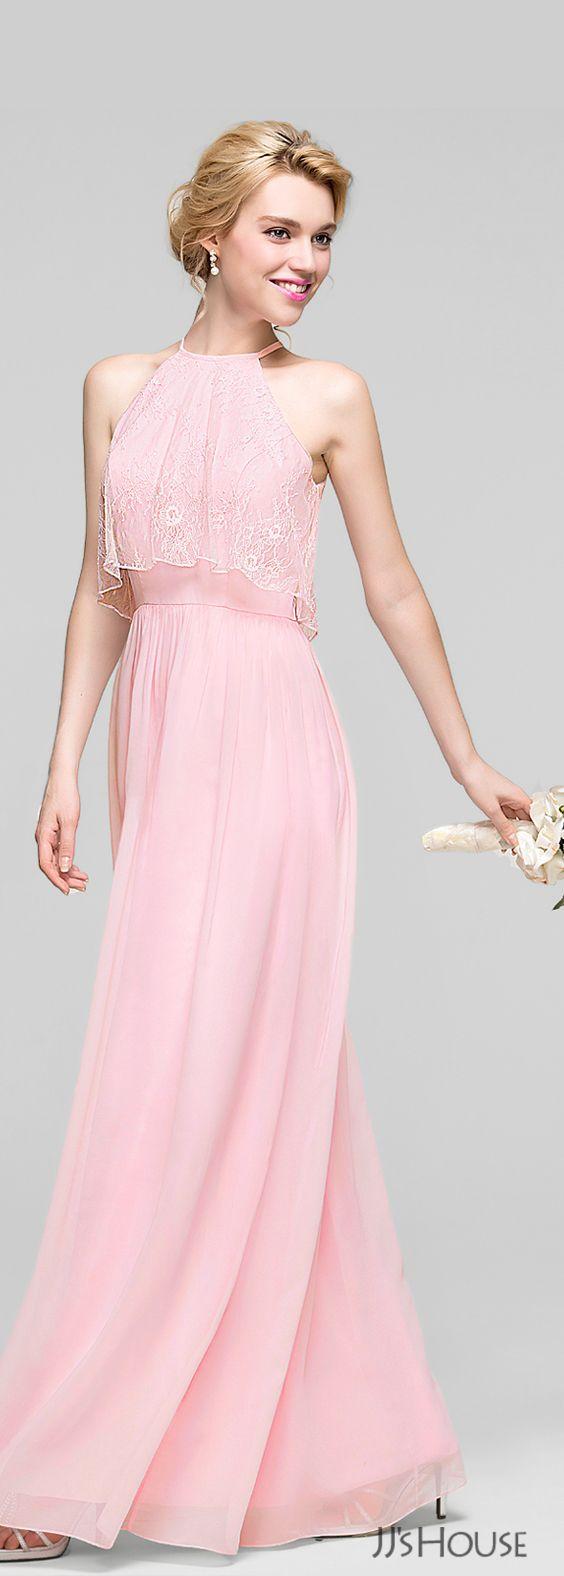 JJsHouse #Bridesmaid | vestidos cóctel y ceremonia | Pinterest ...